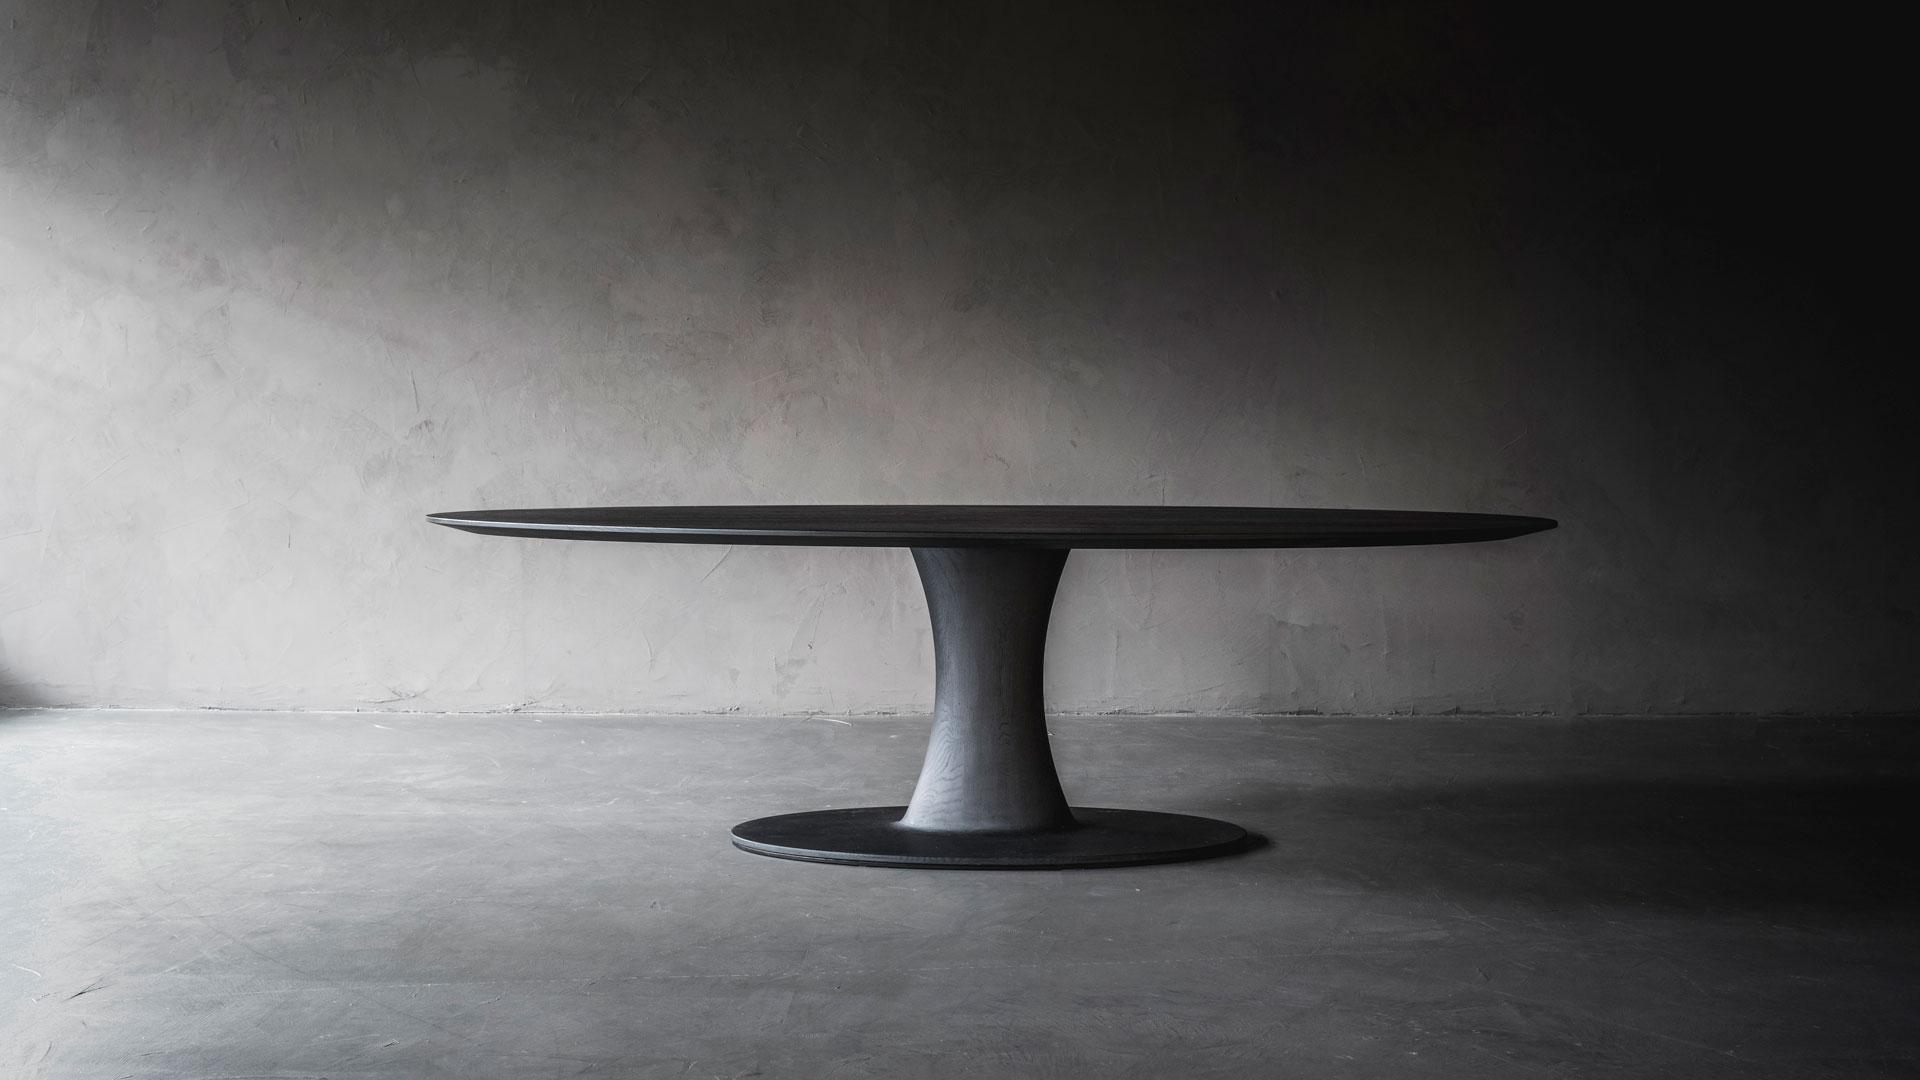 Afbeelding van L'Authentique 'Nova' Dining Table voor gebruik op Antérieur Authentique website